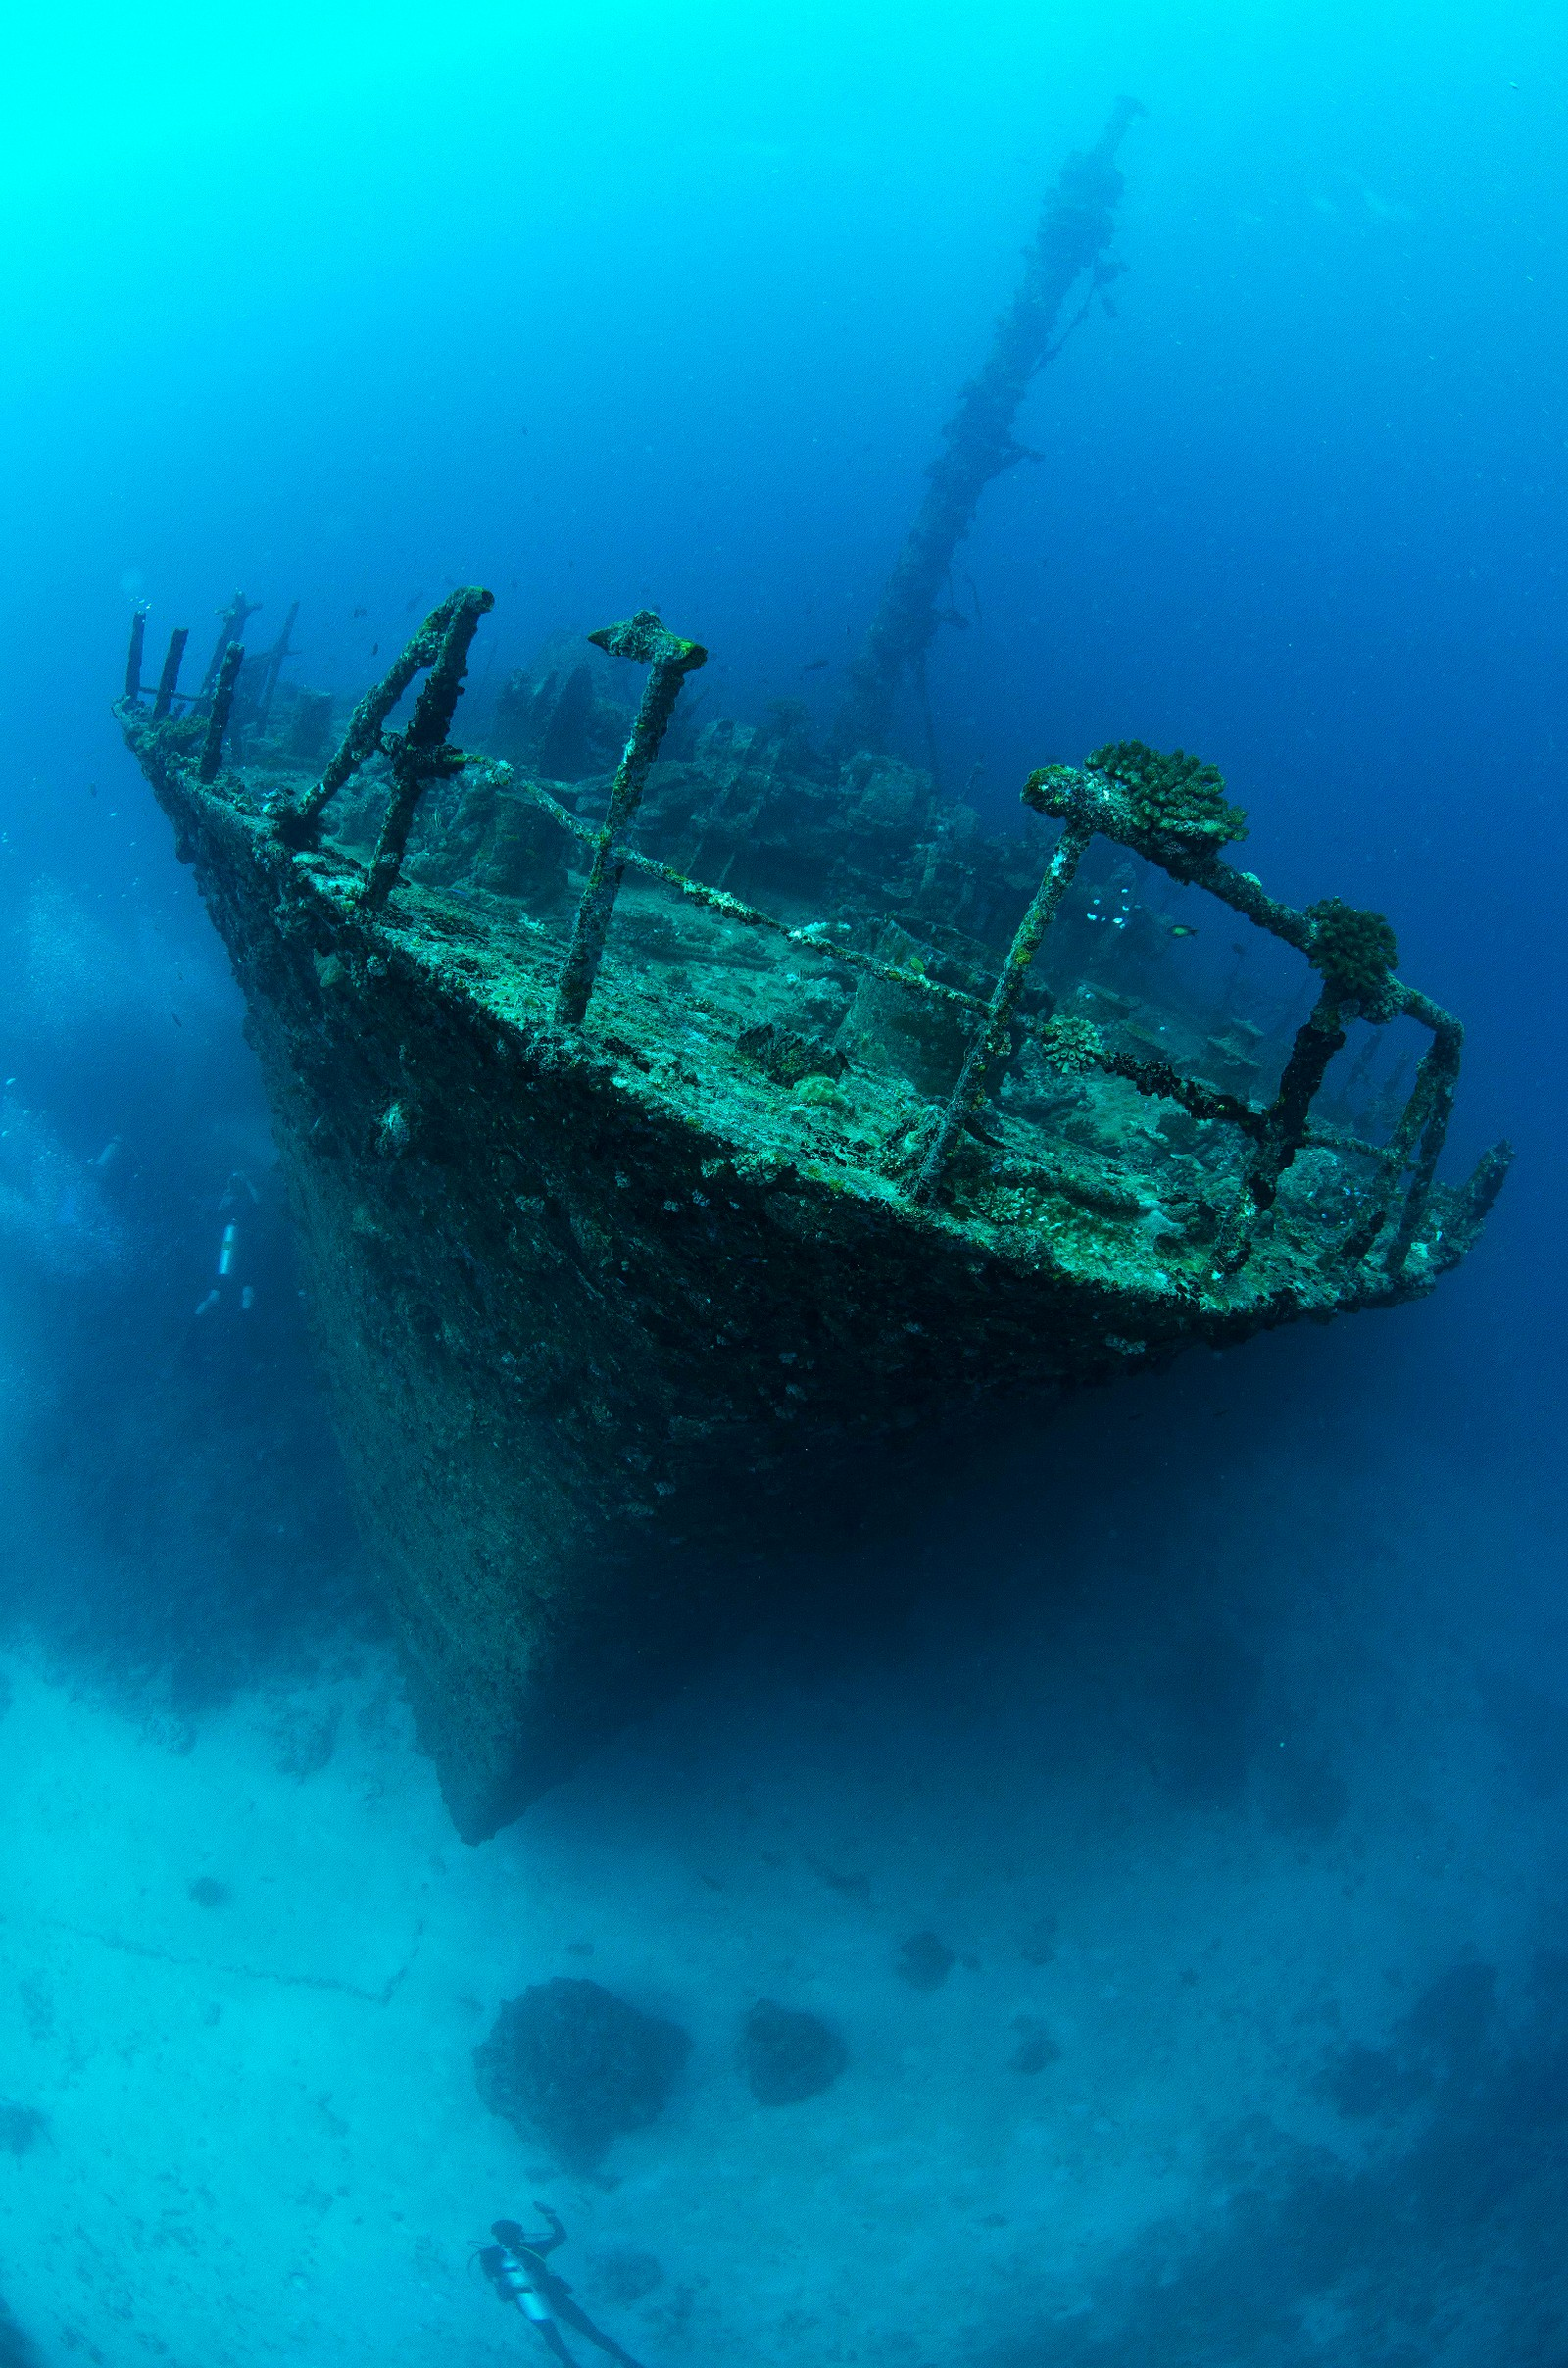 Et japansk krigsvrak i Det indiske hav ved Maldivene. Det ble senket under andre verdenskrig.